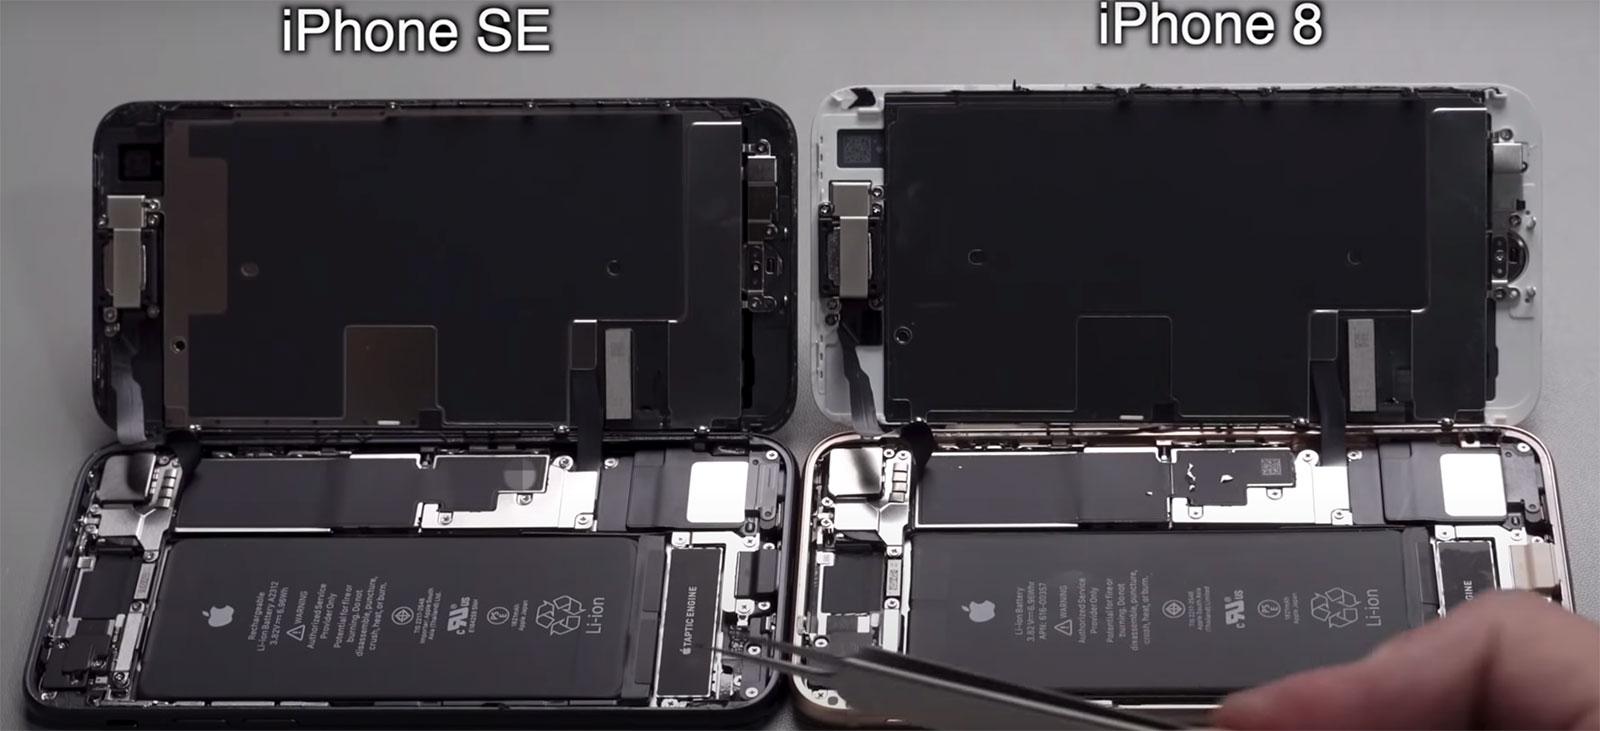 iPhone SE del 2020 y iPhone 8 por dentro